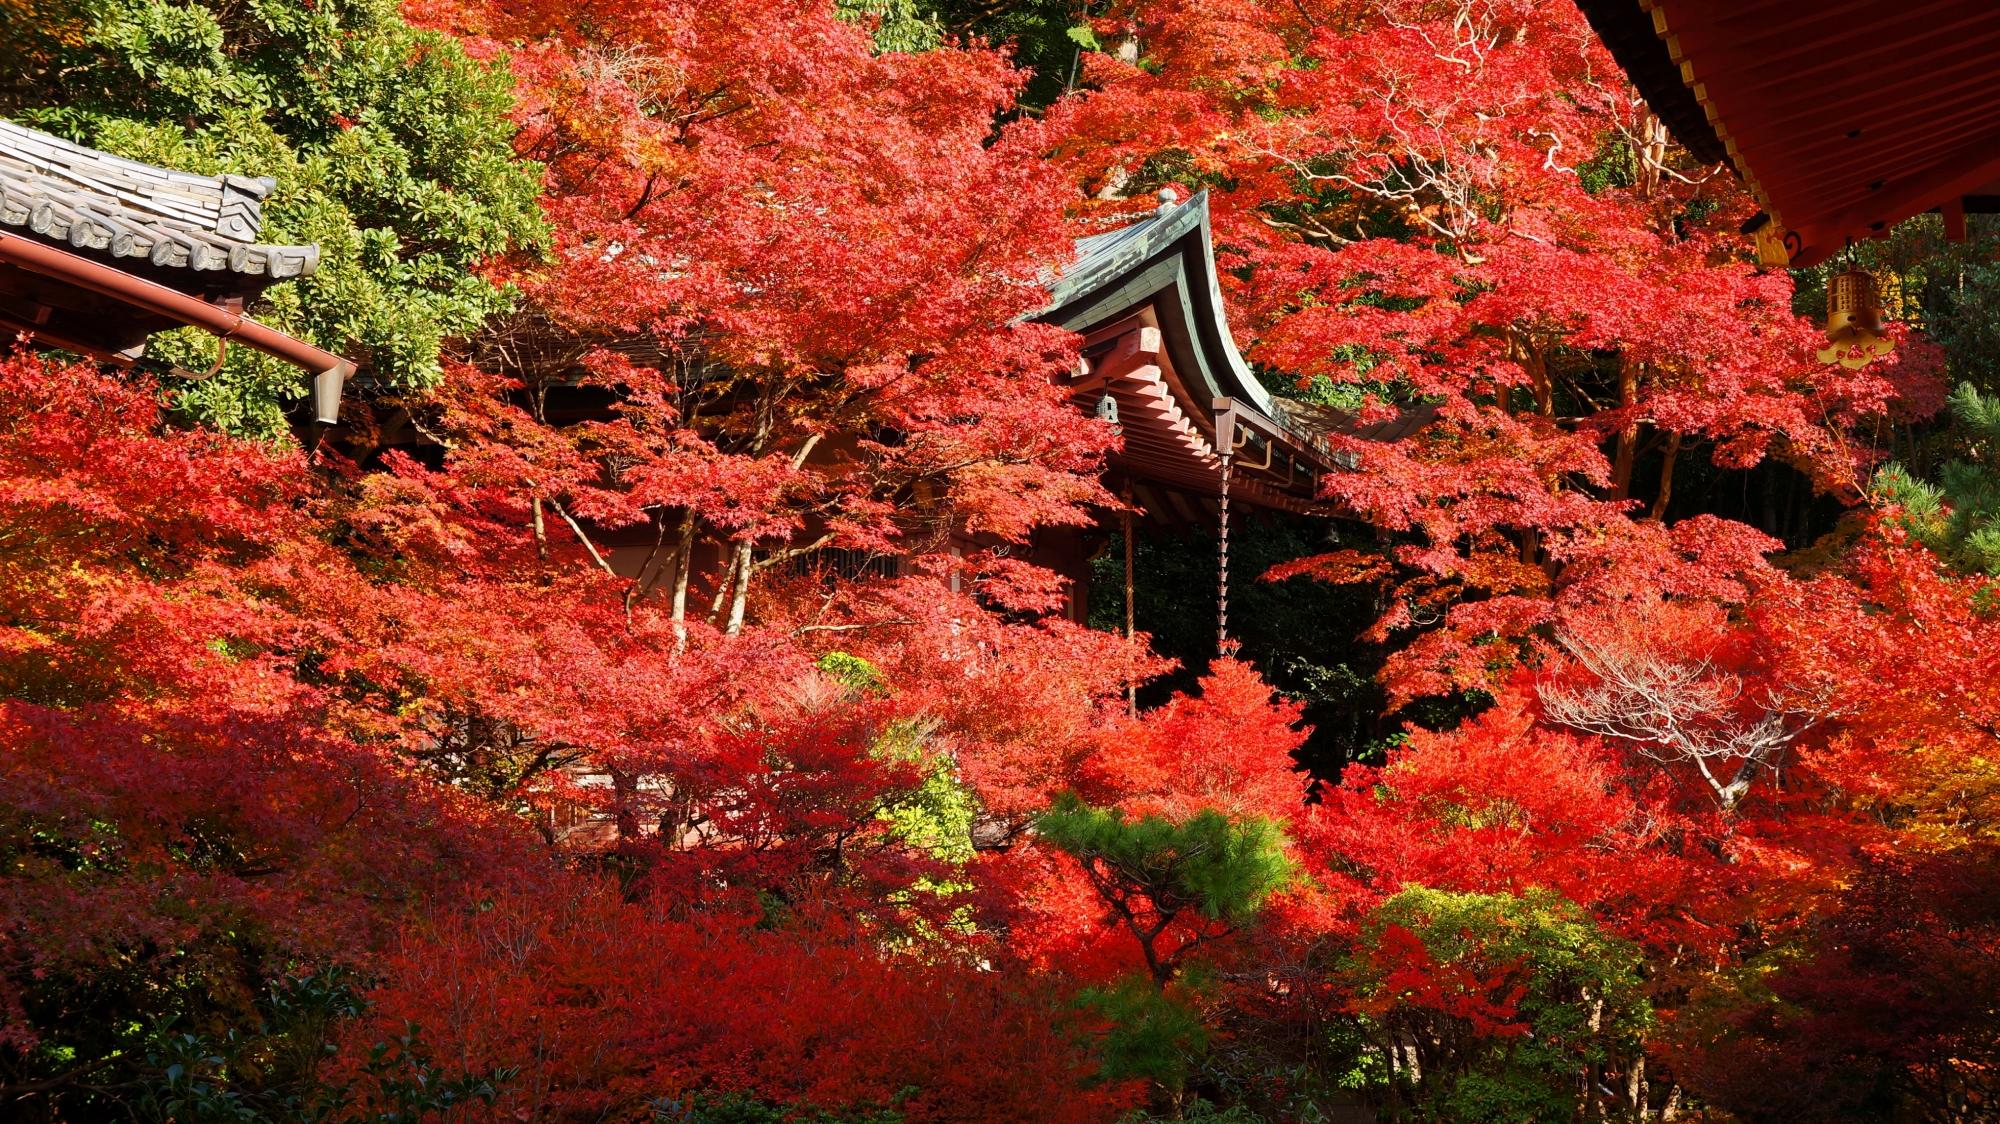 本堂から眺めた毘沙門堂の高台弁才天と真っ赤な紅葉